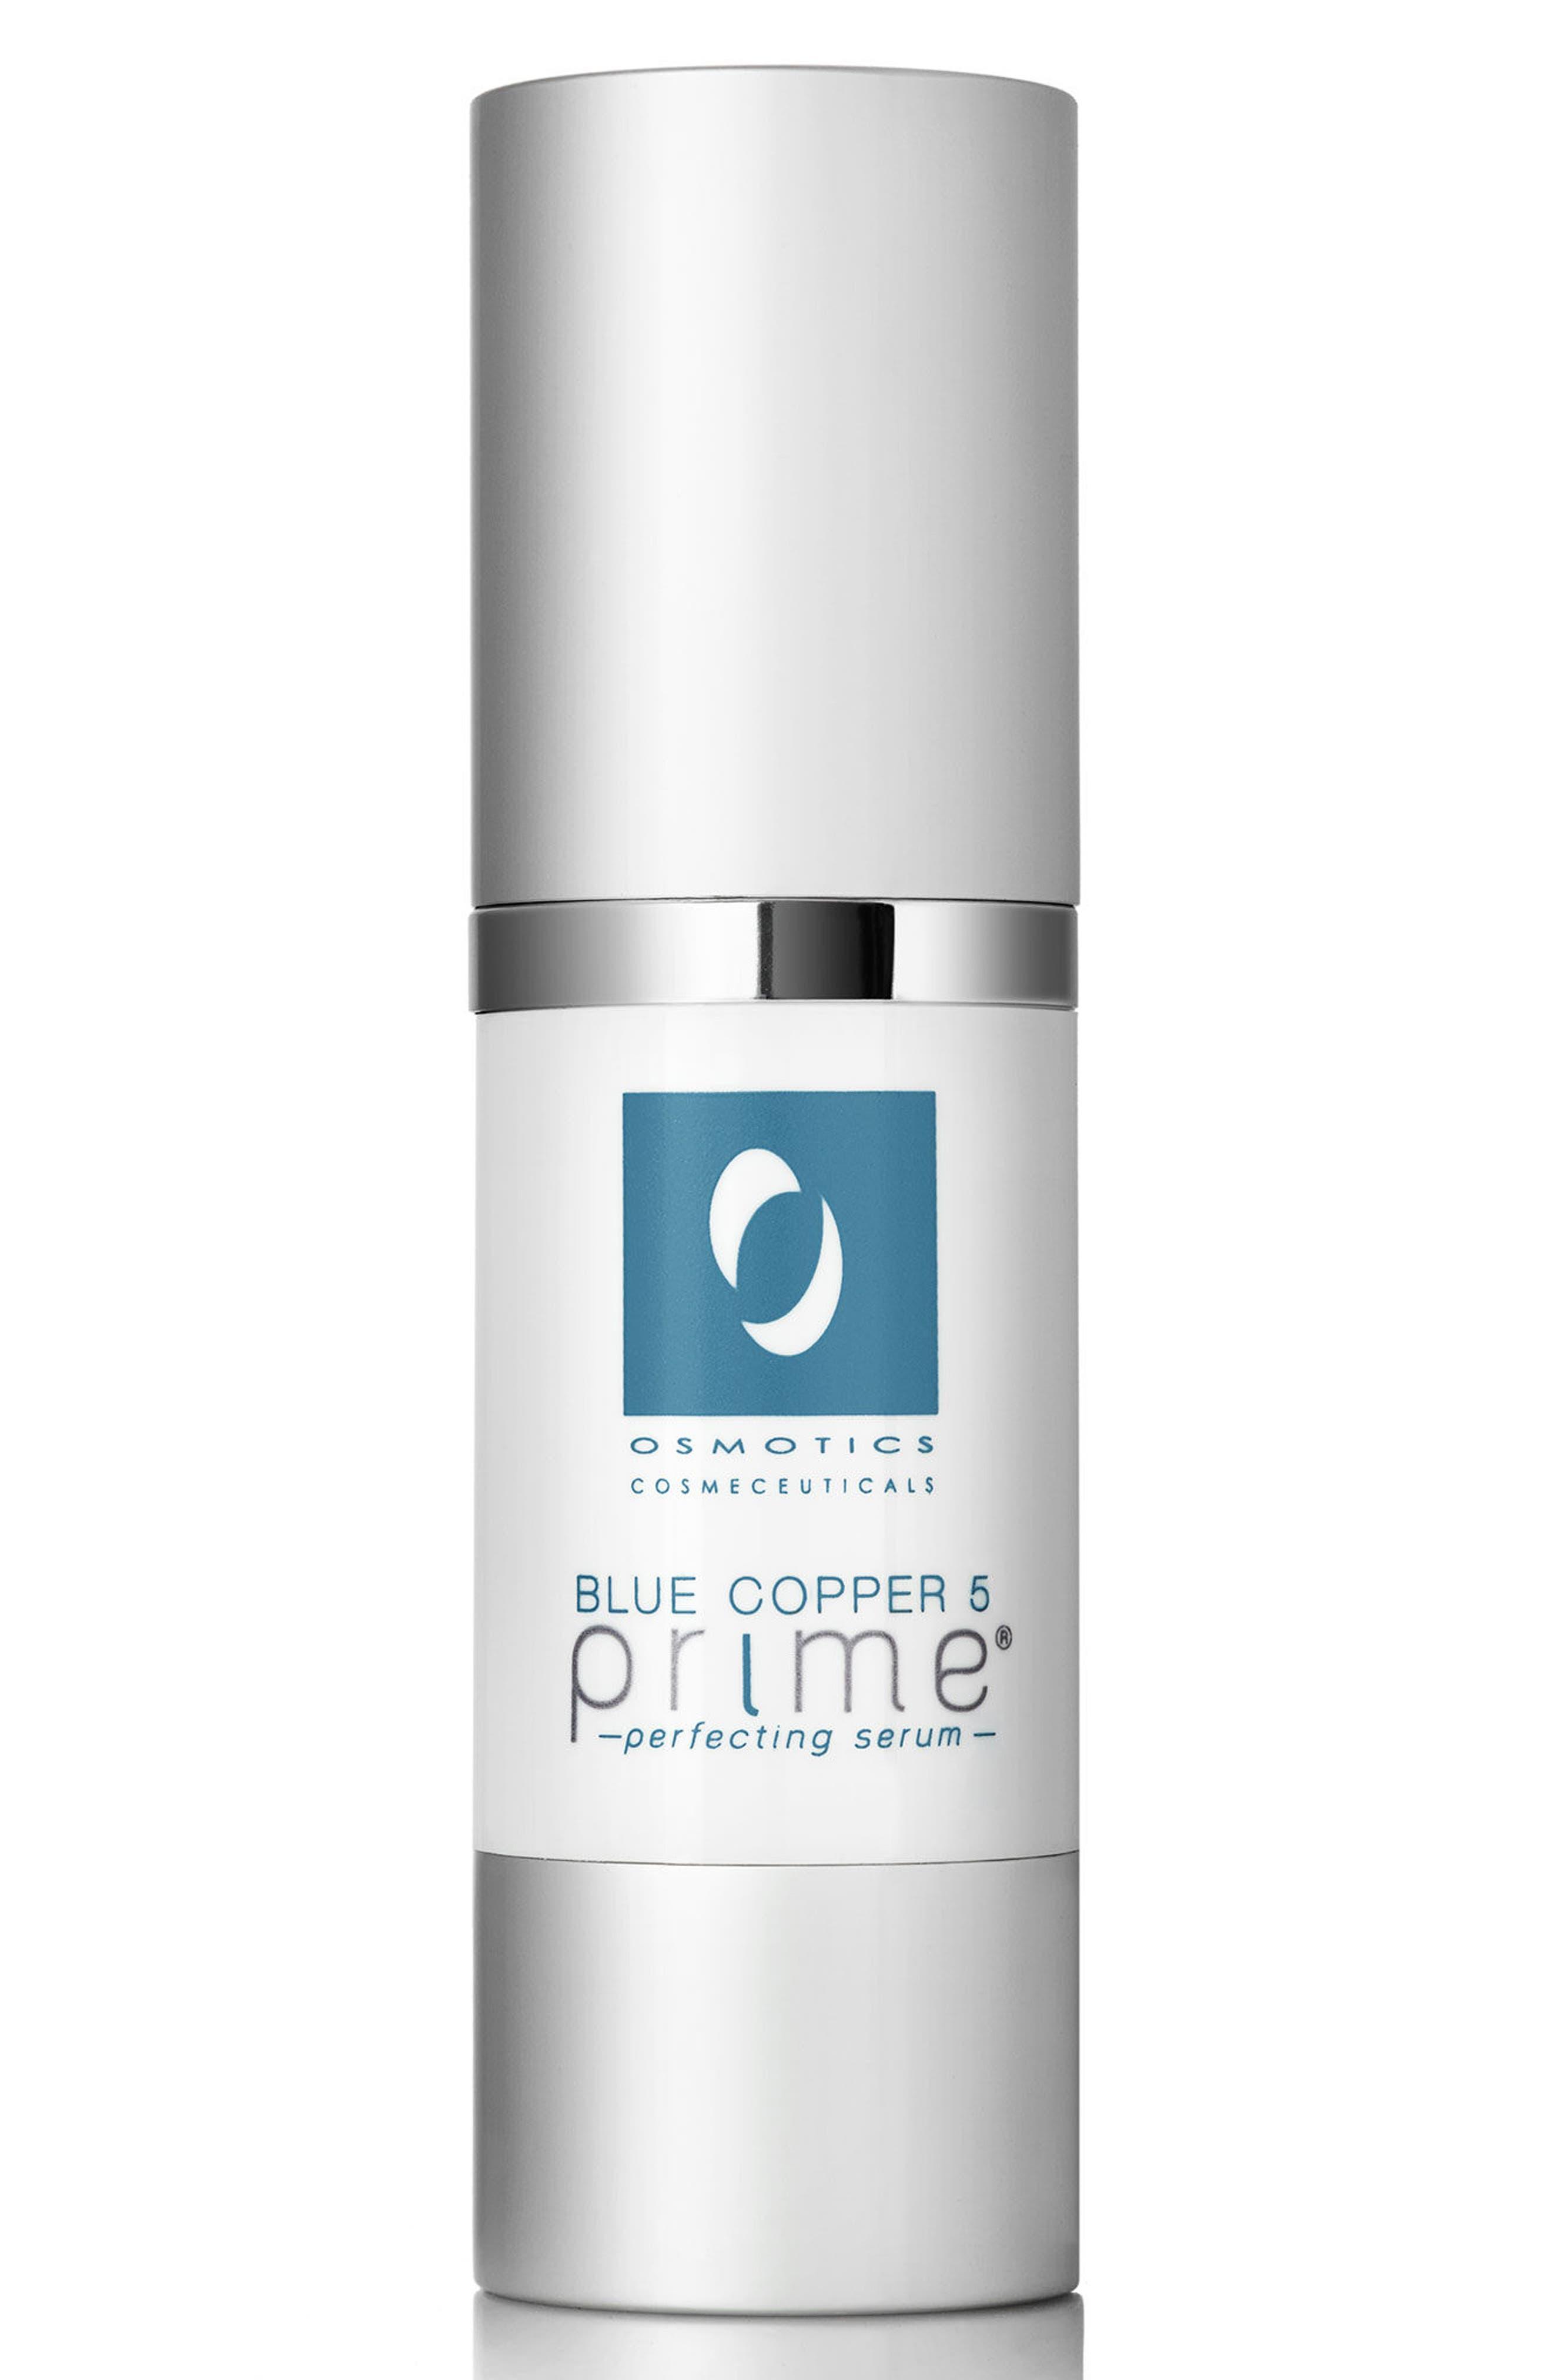 Alternate Image 1 Selected - Osmotics Cosmeceuticals Blue Copper 5 Prime Essential Perfecting Serum